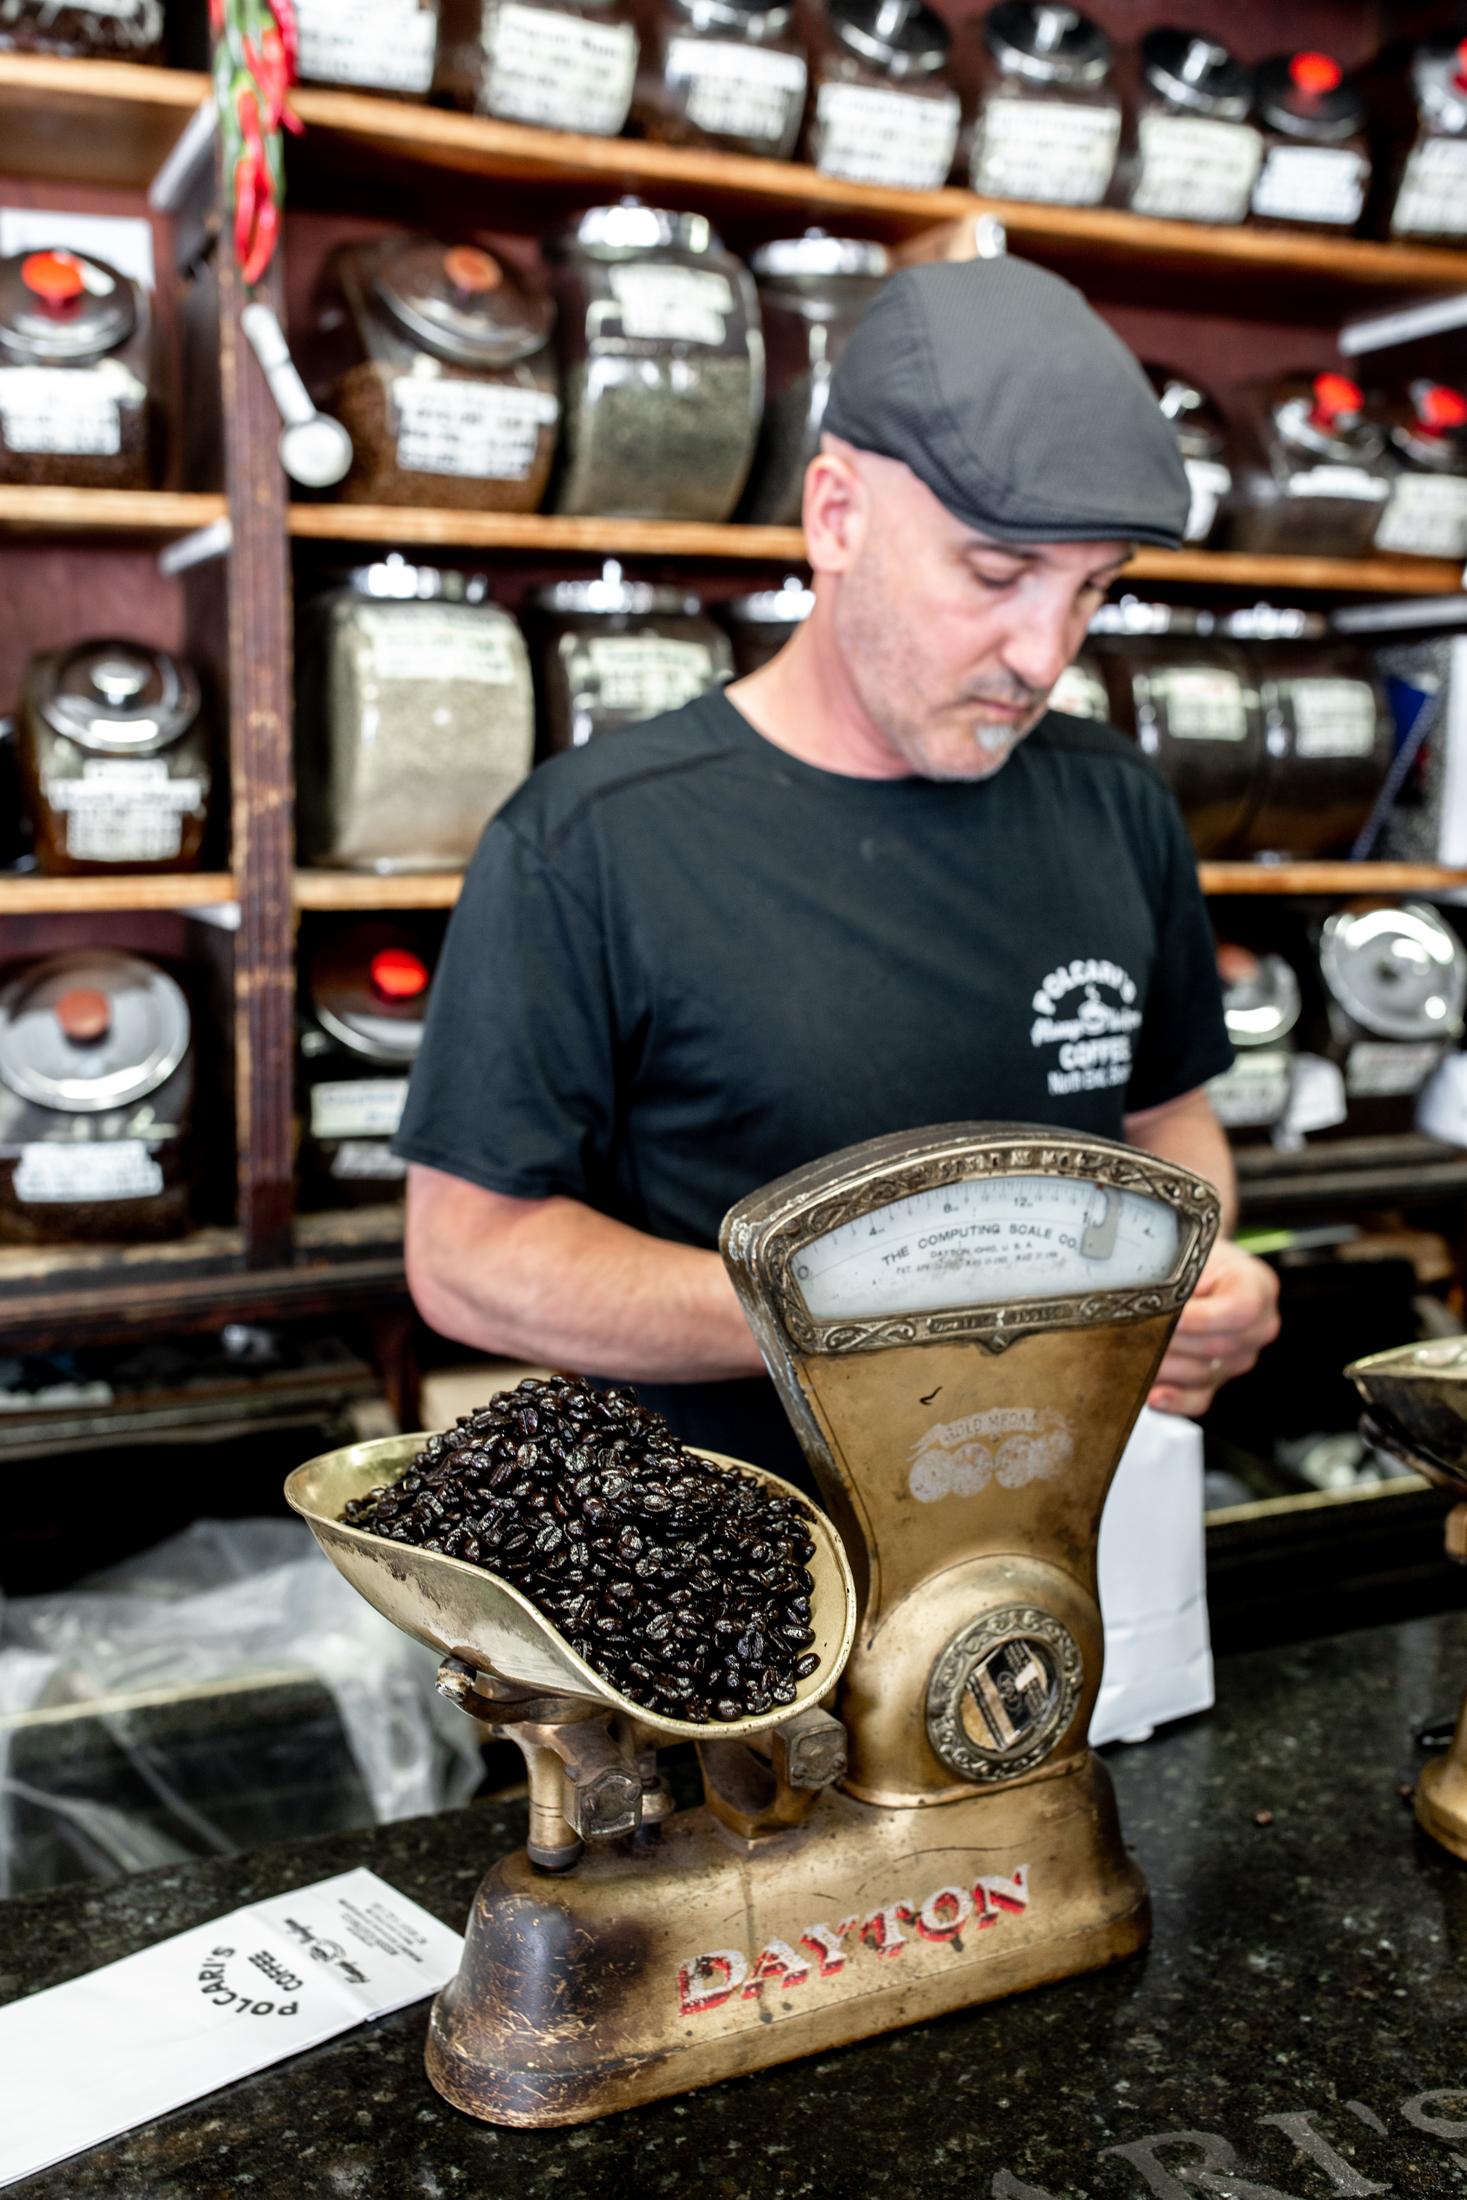 Polcari's coffee north end boston